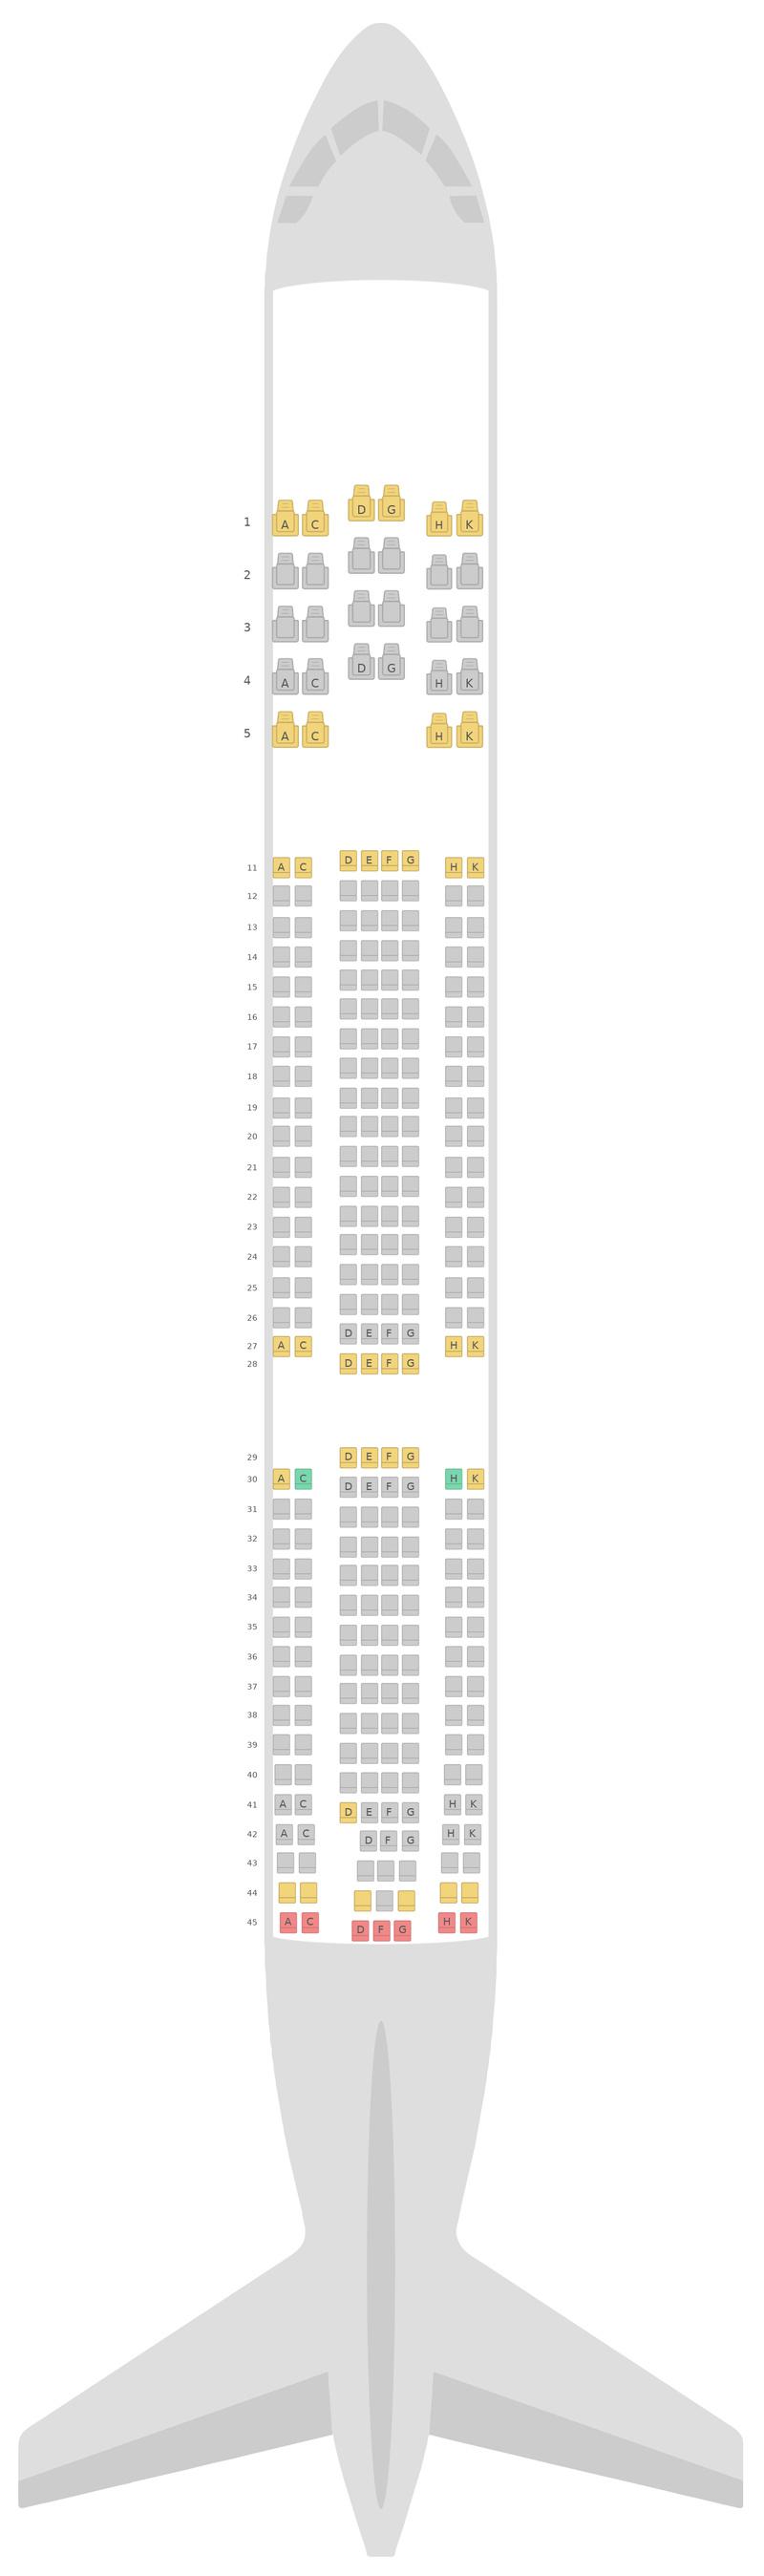 Mapa de asientos Airbus A330-300 (333) v2 Aeroflot